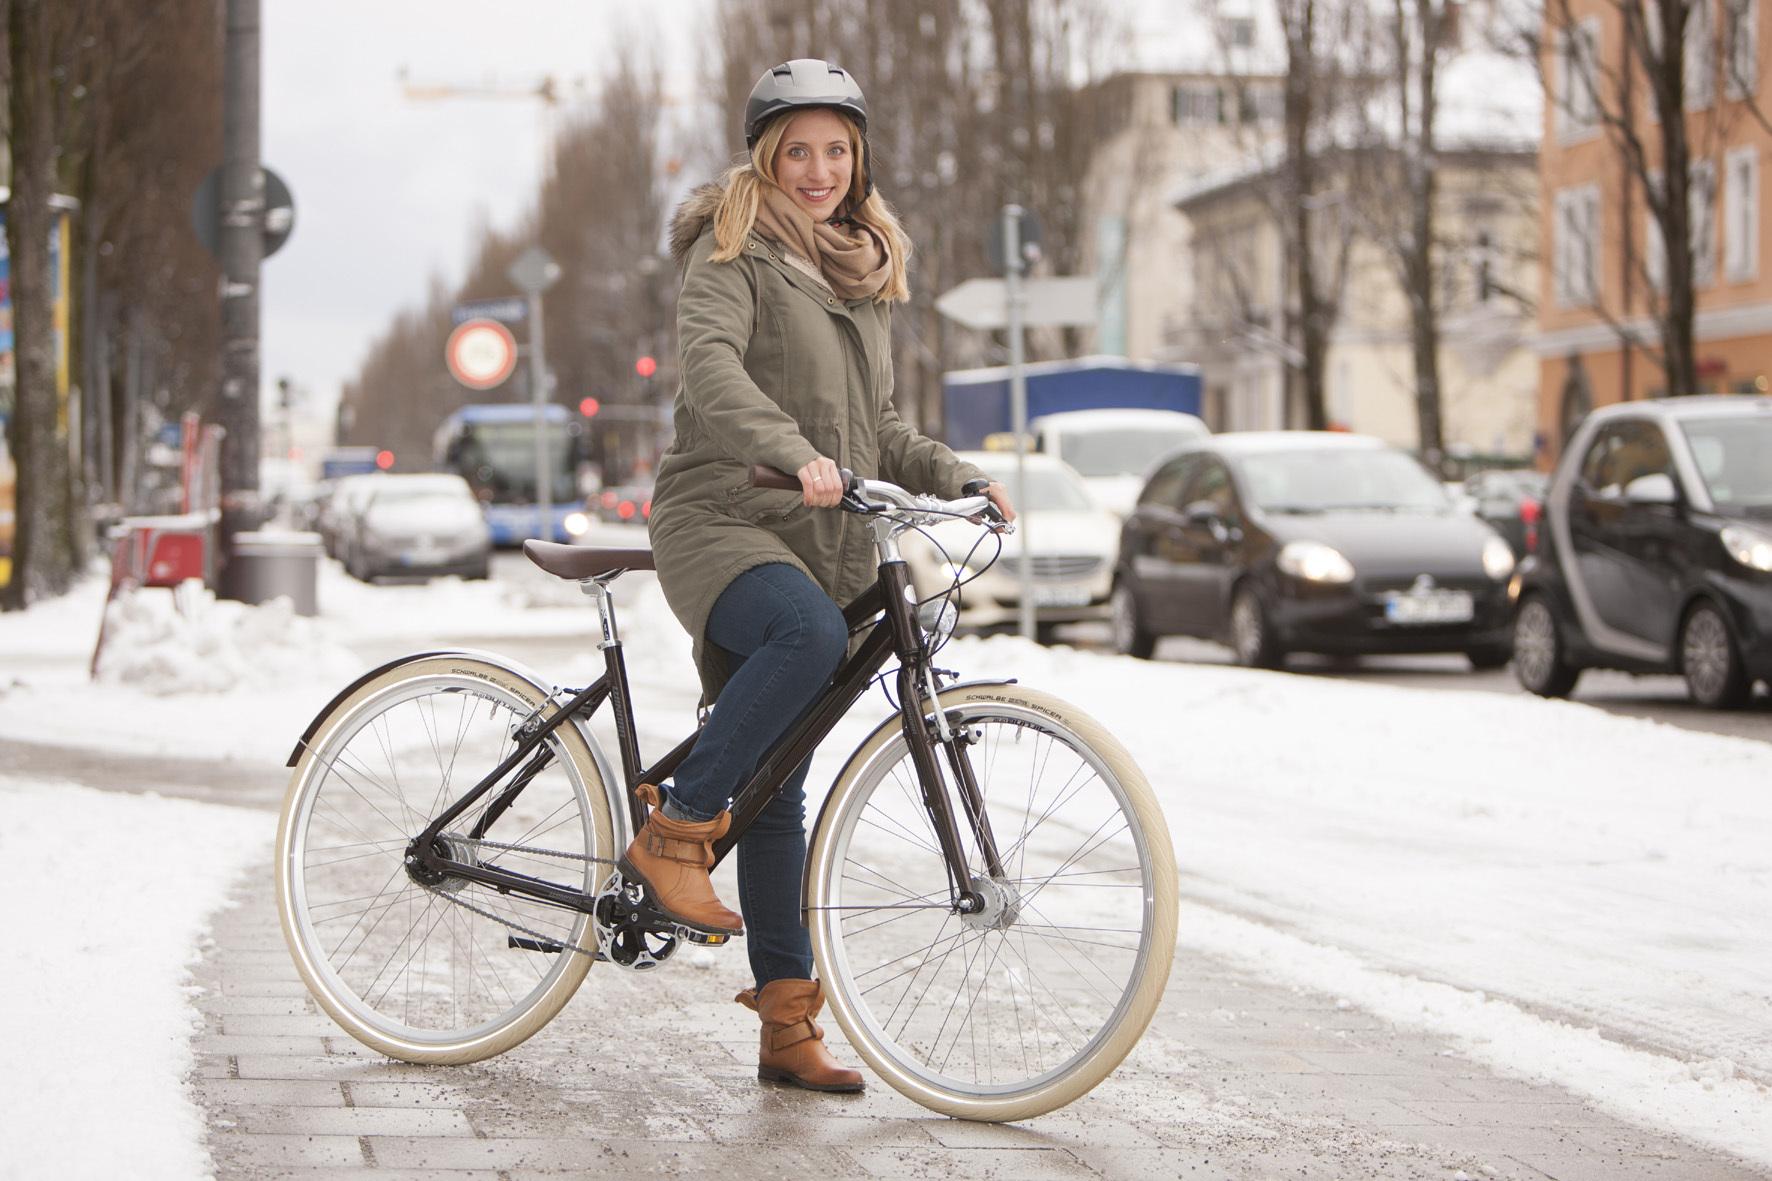 mid Düsseldorf - Mit der richtigen Ausrüstung können Radler auch im Winter in die Pedale treten ohne zu frieren.